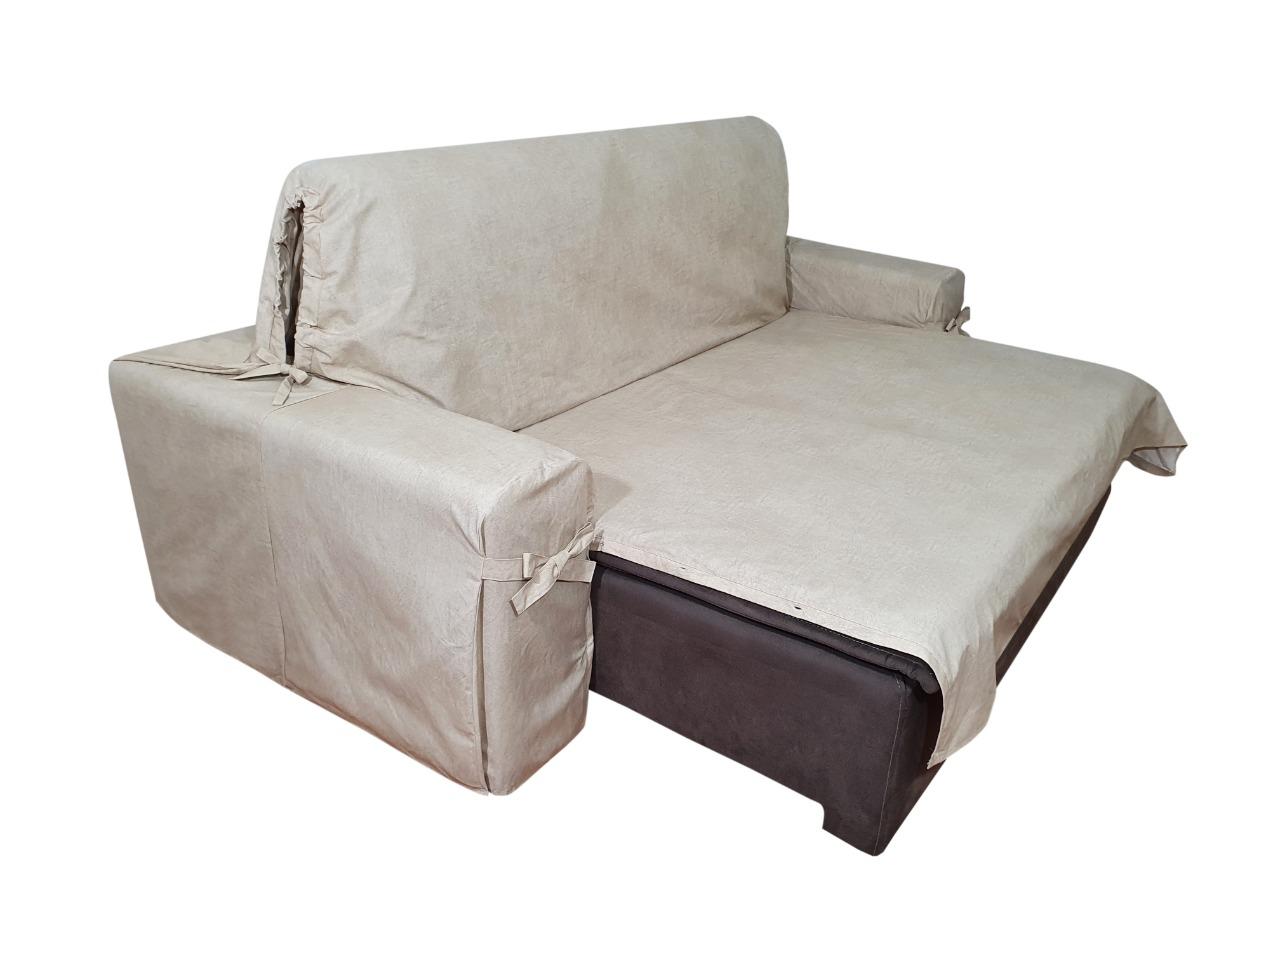 Capa p/ Sofá Retrátil e Reclinável em Acquablock Impermeável BEGE - Veste Sofás de 2,66m até 2,95m